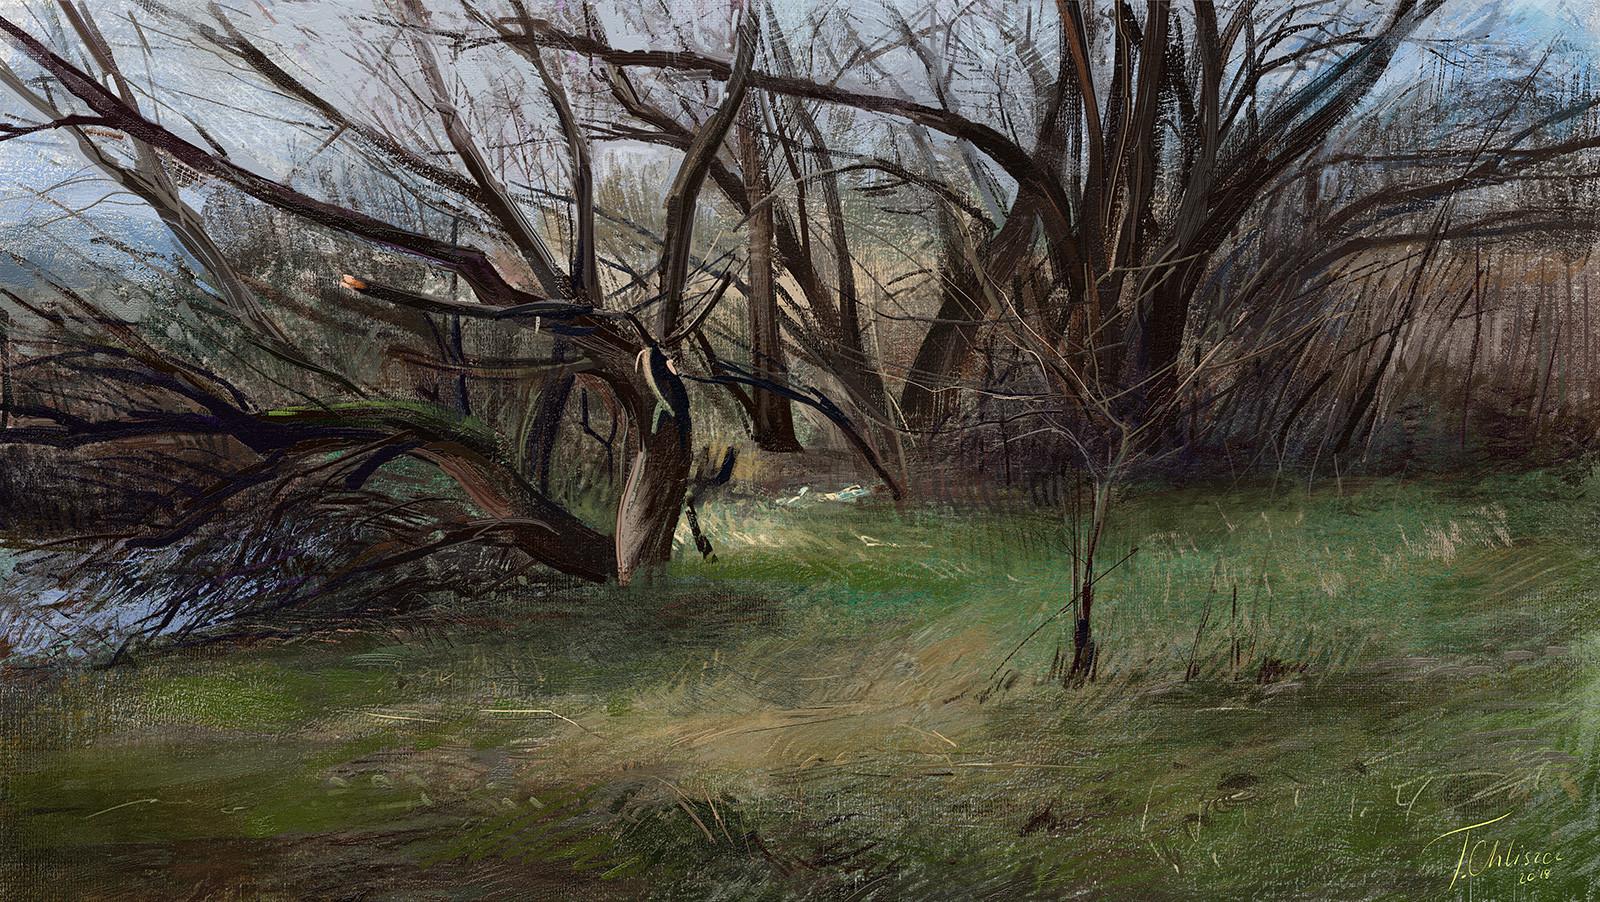 Tymoteusz chliszcz landscape94 by chliszcz